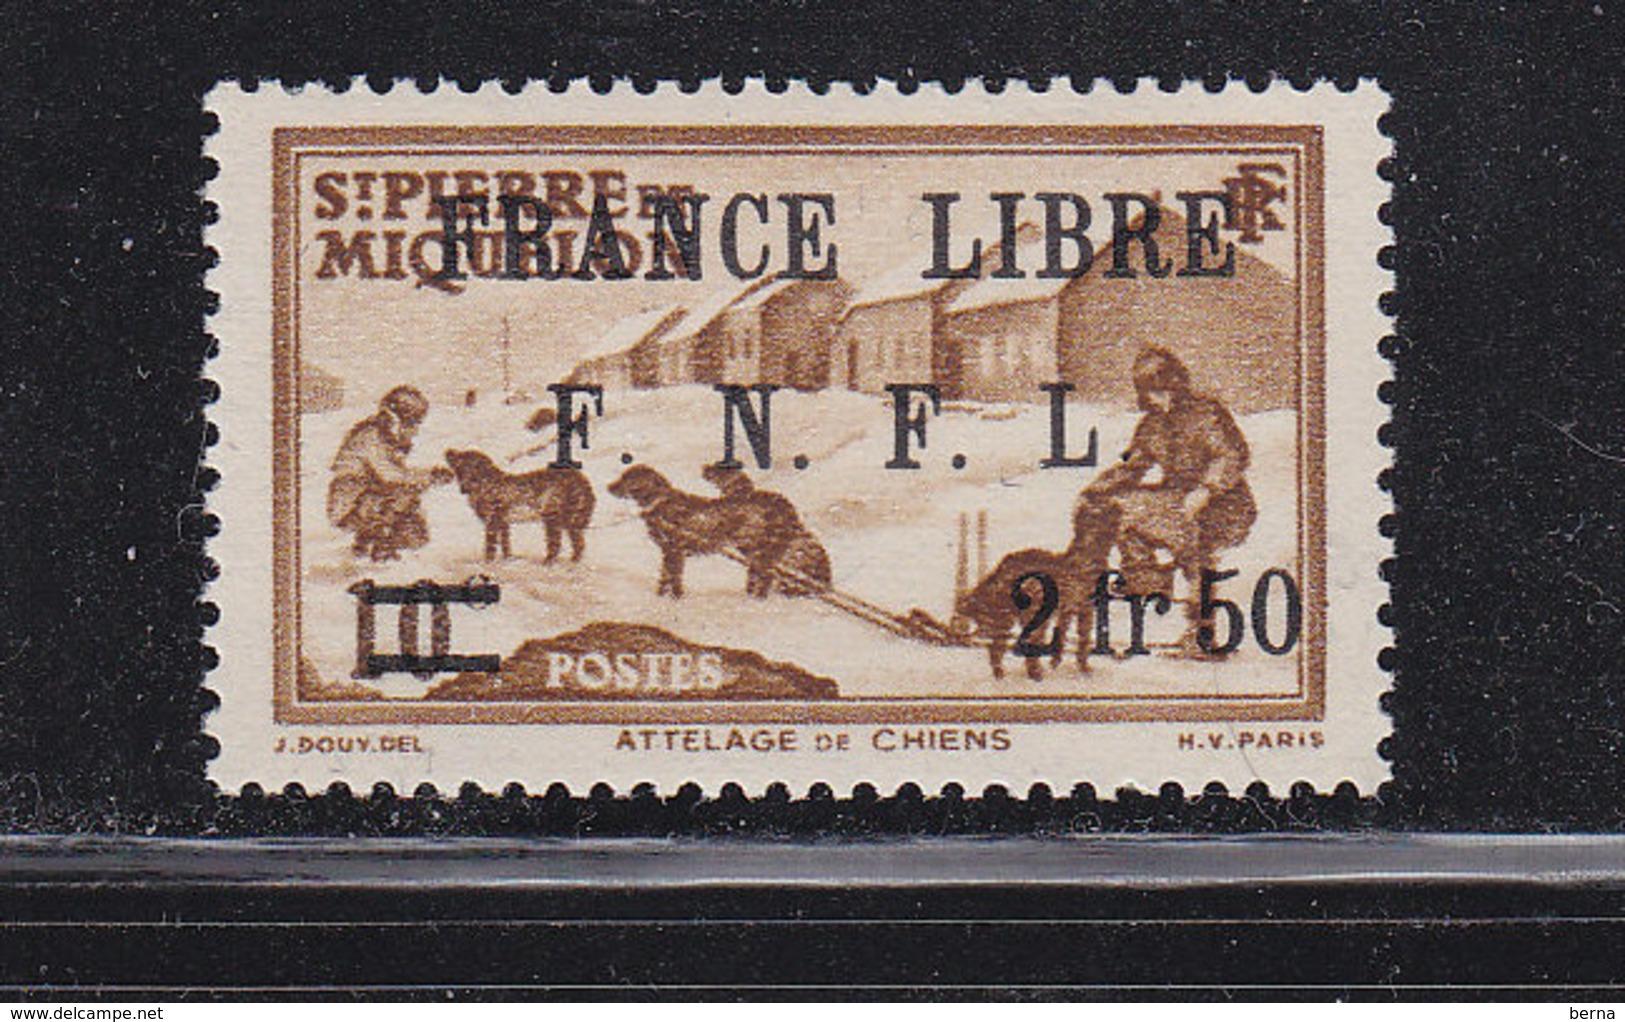 SAINT PIERRE ET MIQUELON FRANCE LIBRE 278 LUXE NEUFS SANS CHARNIERE - St.Pierre Et Miquelon